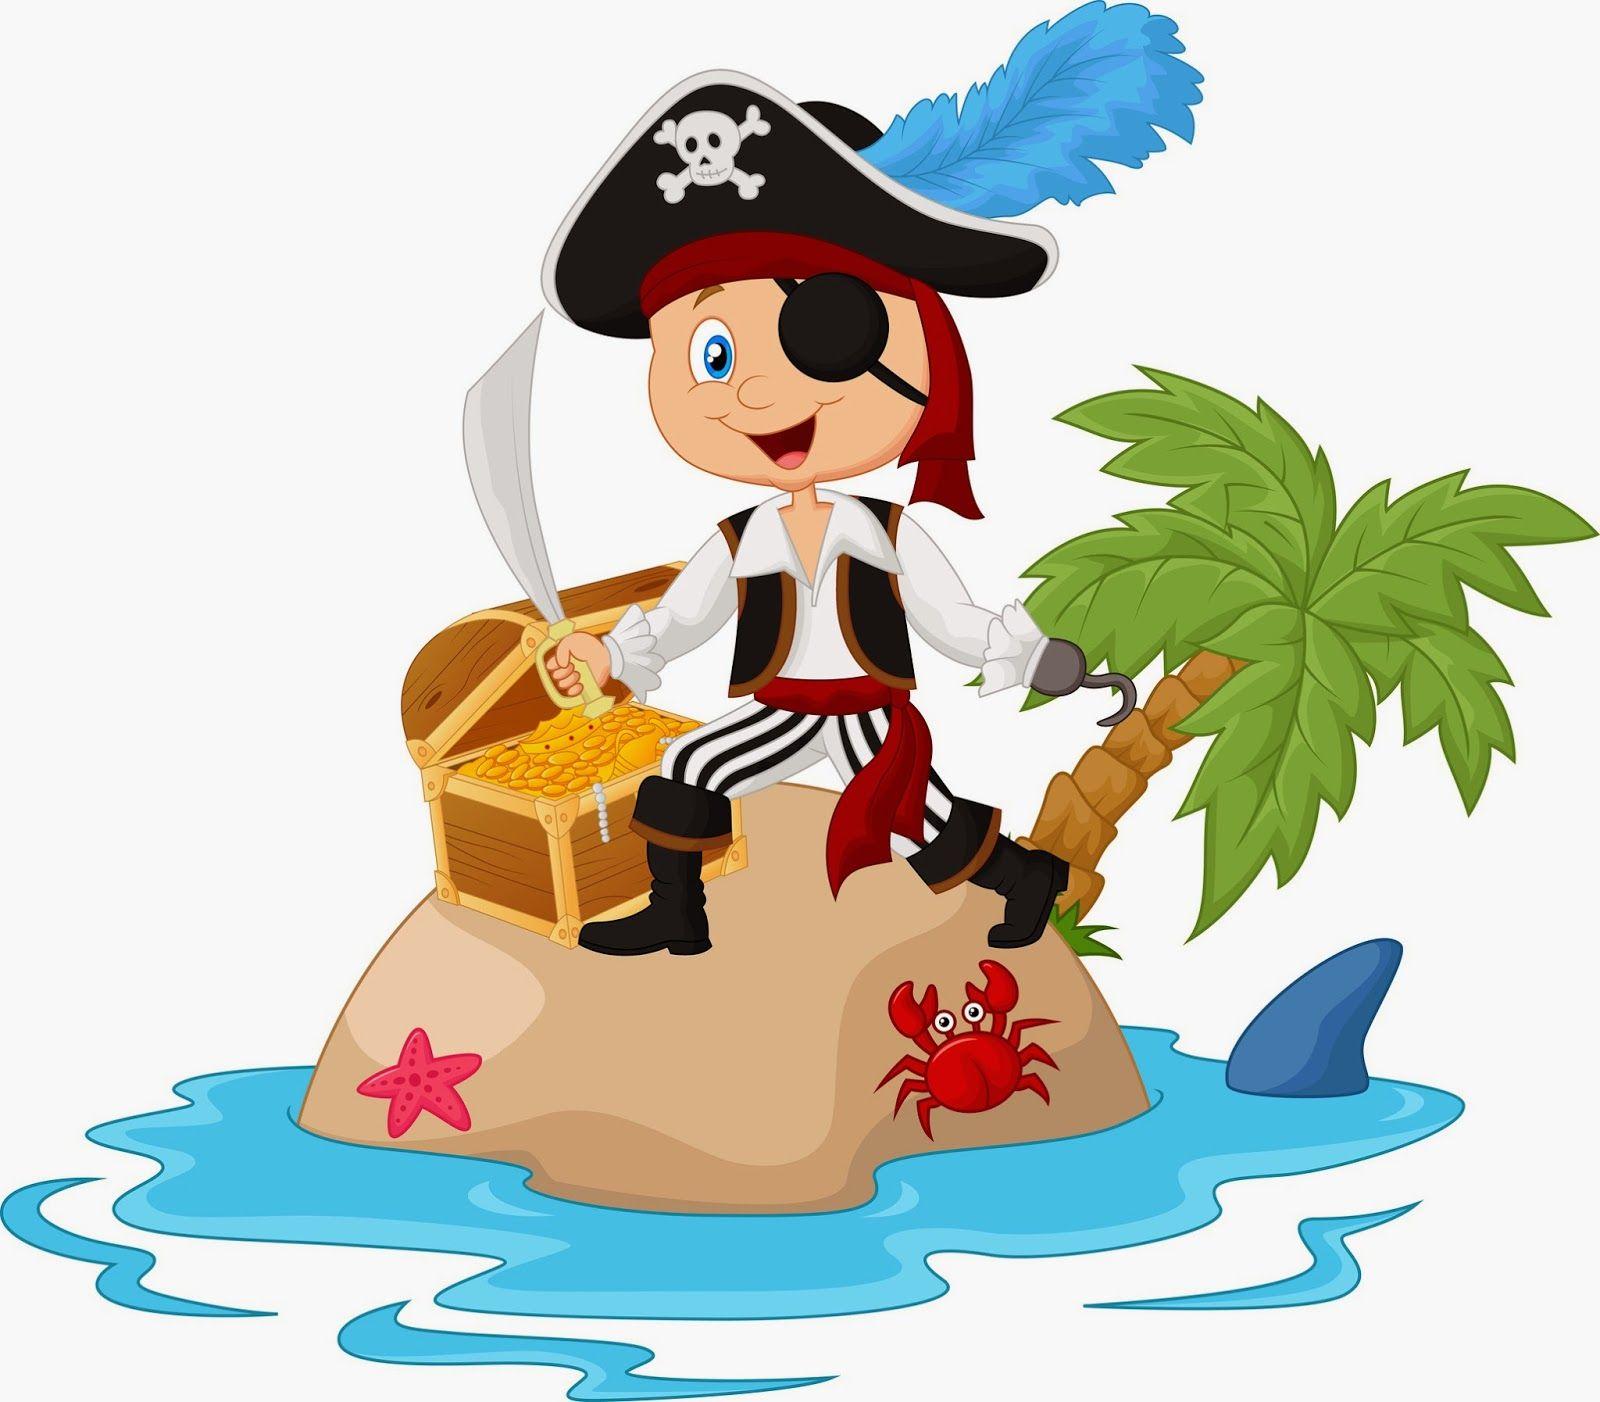 h rspiele f r kinder oskar der kleine pirat ein spannendes h rb cher und bilder. Black Bedroom Furniture Sets. Home Design Ideas